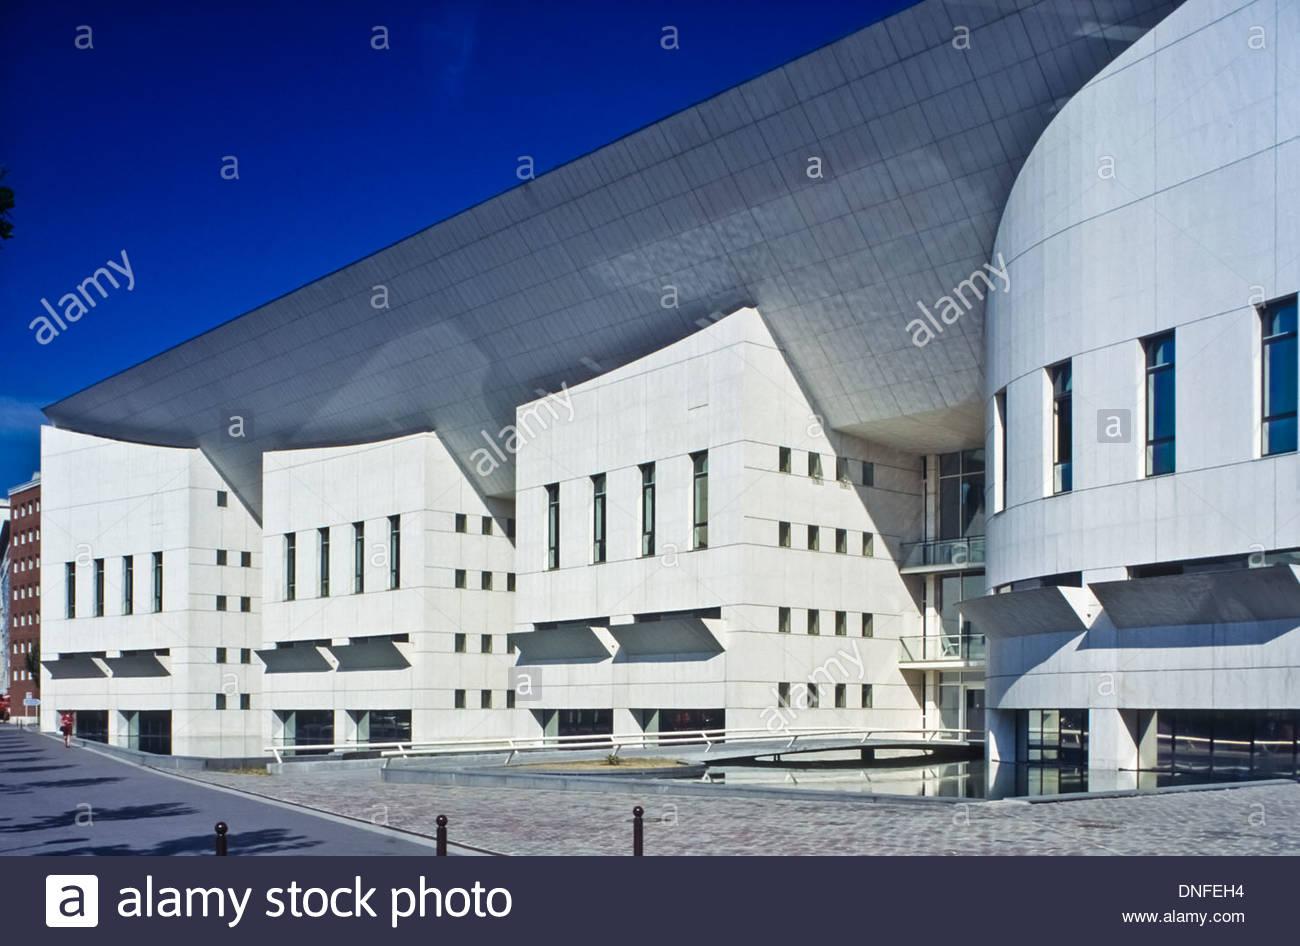 Paris Moderne Architektur Cite De La Musique Modern